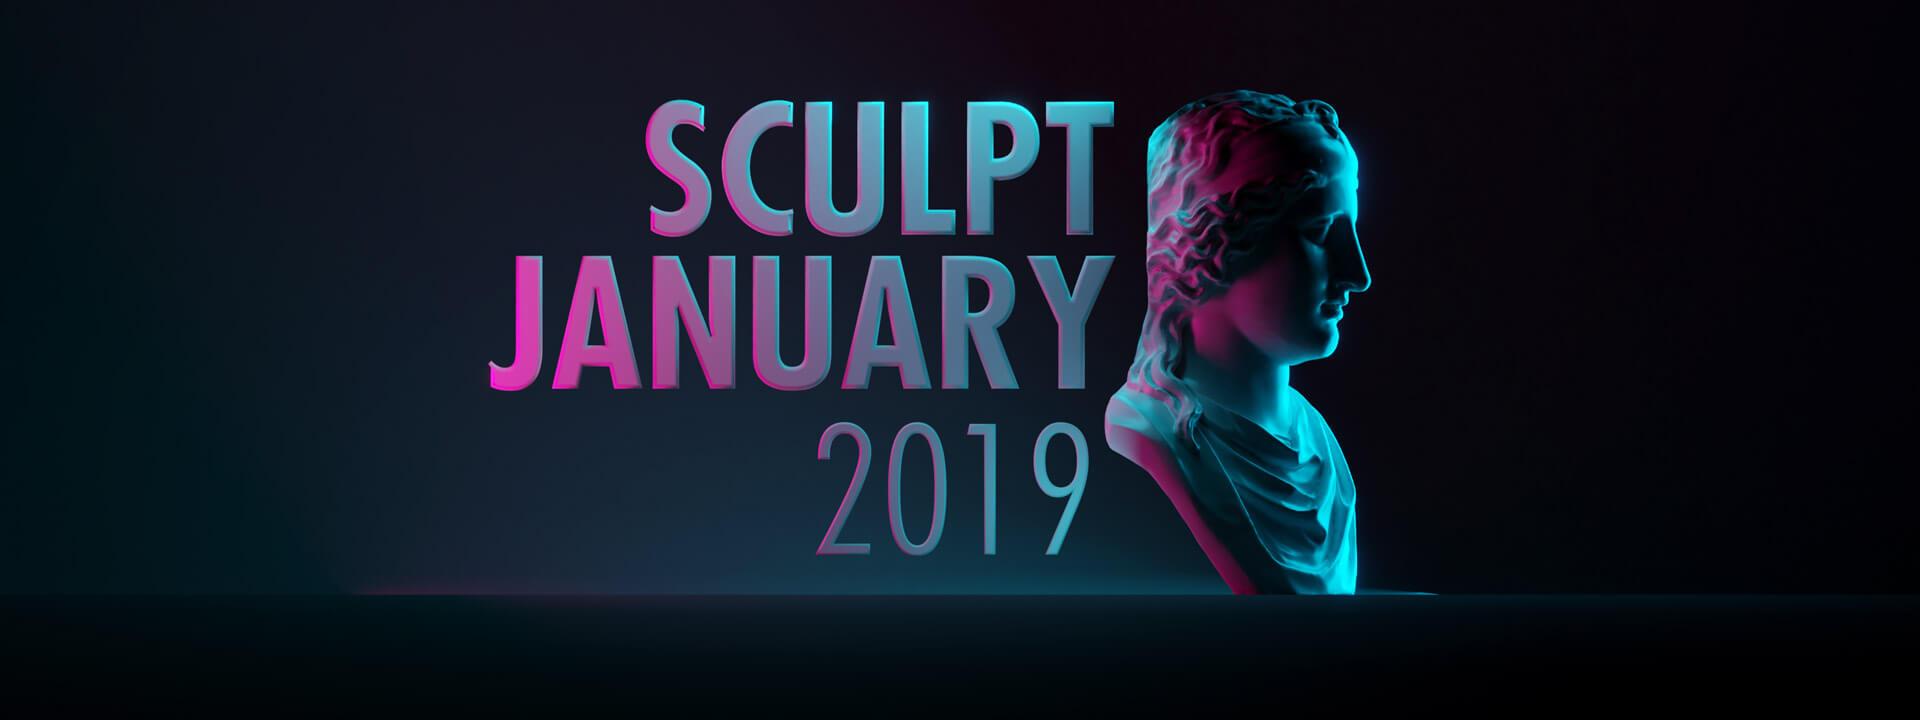 Sculptjanuary_2019_website_header